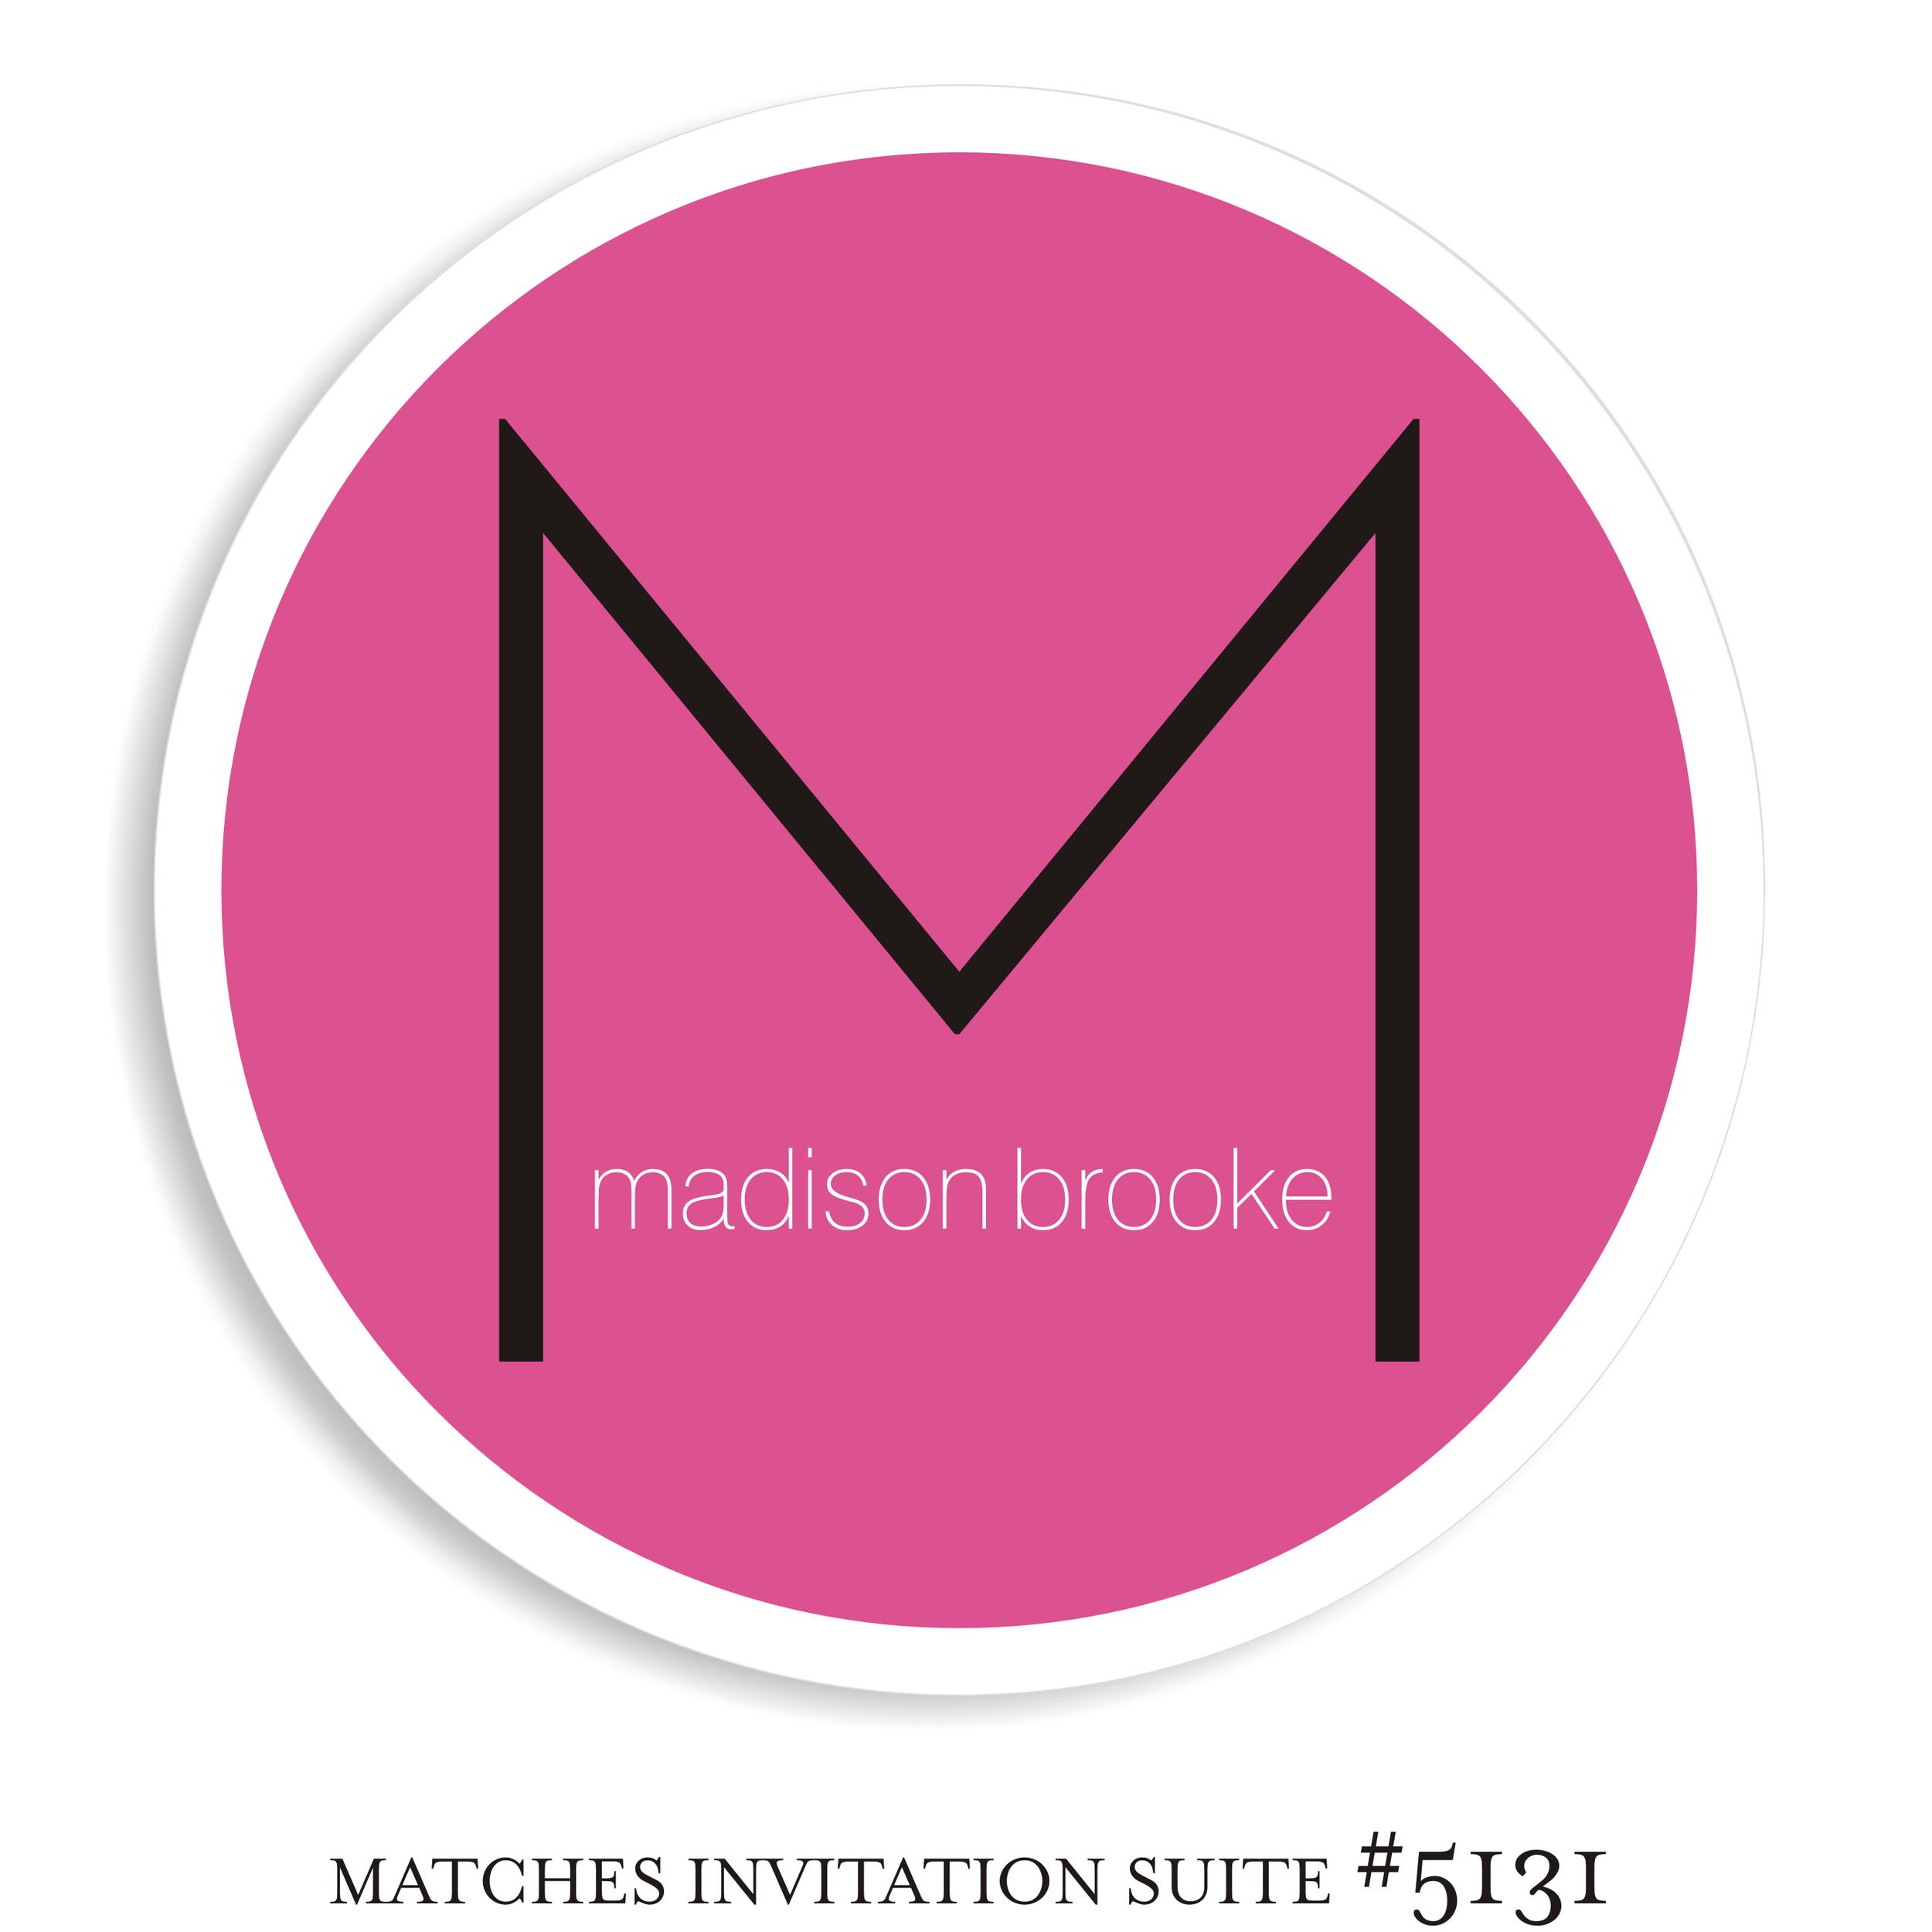 Dancefloor Decal Suite 5131 - Madison Brooke